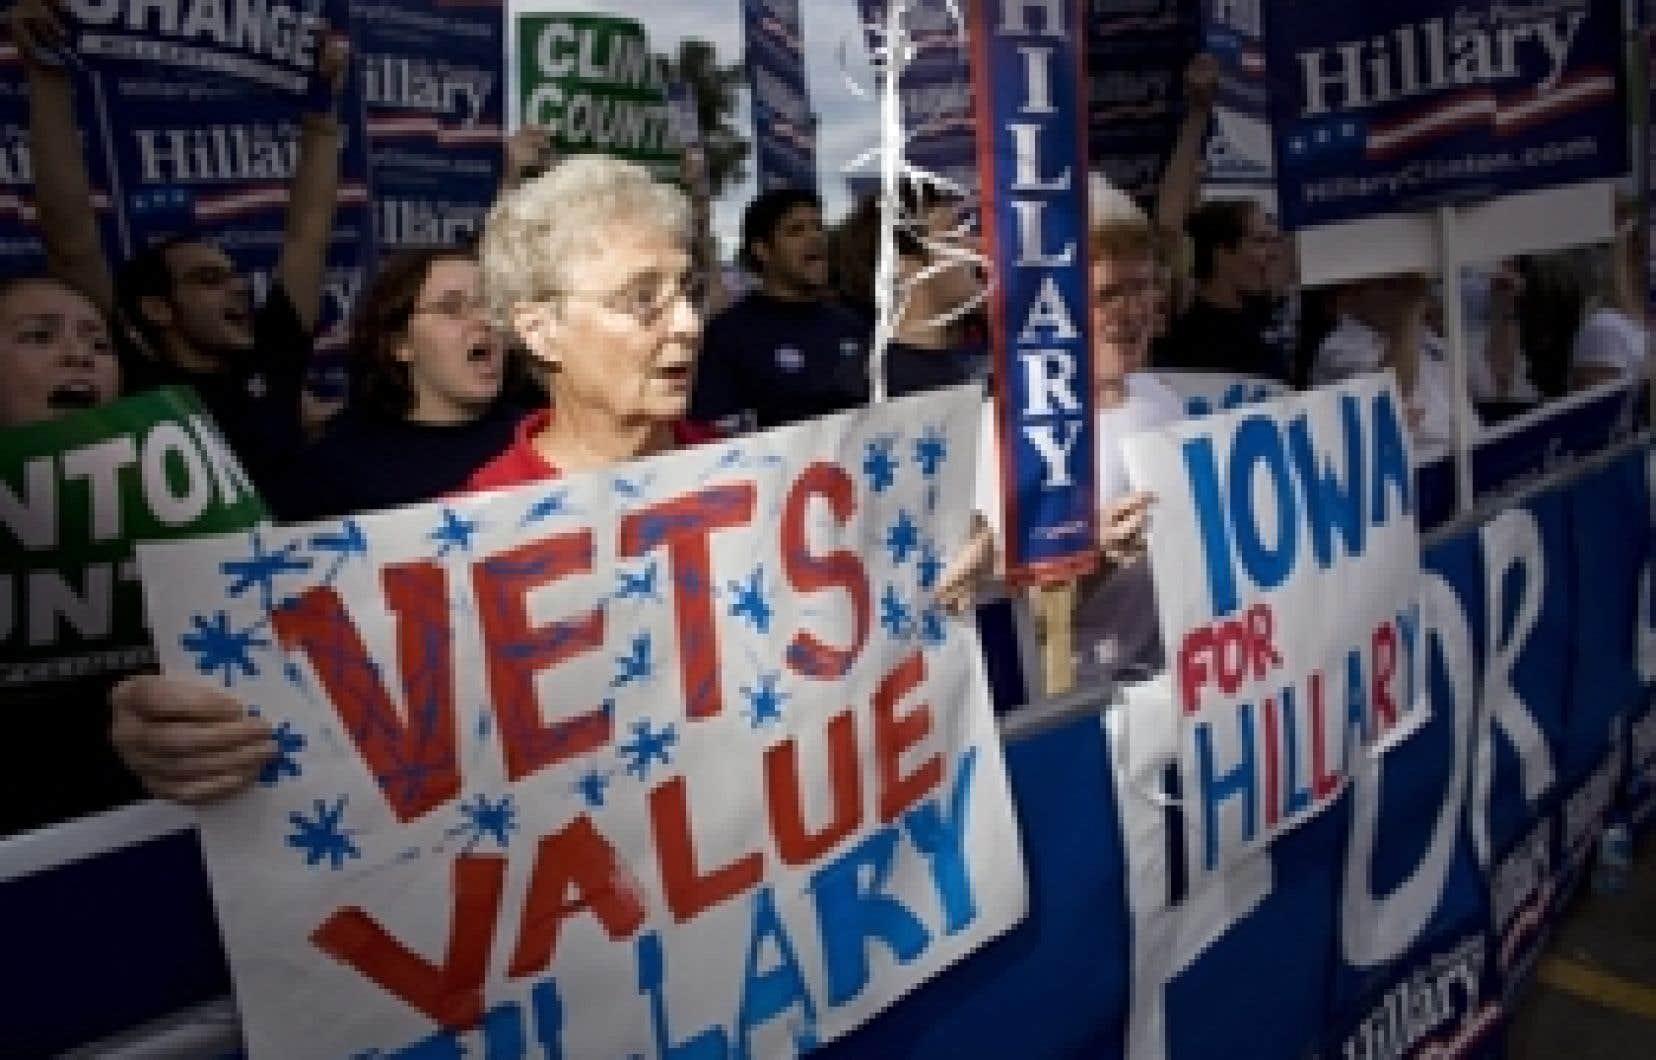 Les partisans de Hillary Clinton se sont réunis à Des Moines.